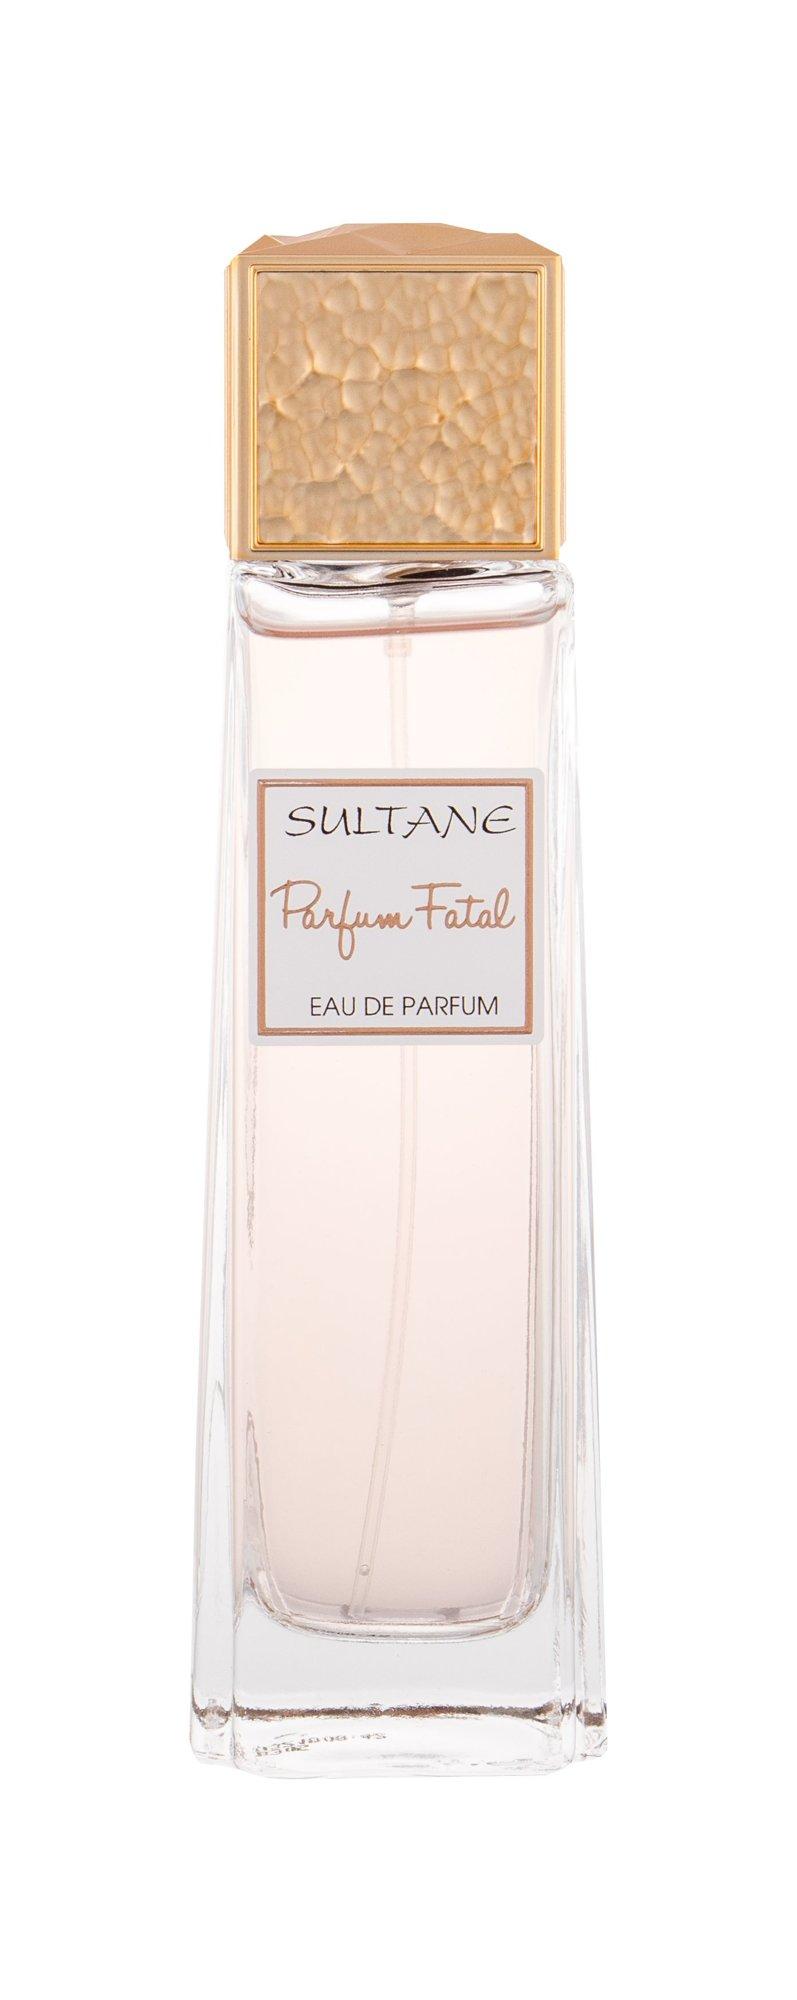 Jeanne Arthes Sultane Parfum Fatal Eau de Parfum 100ml